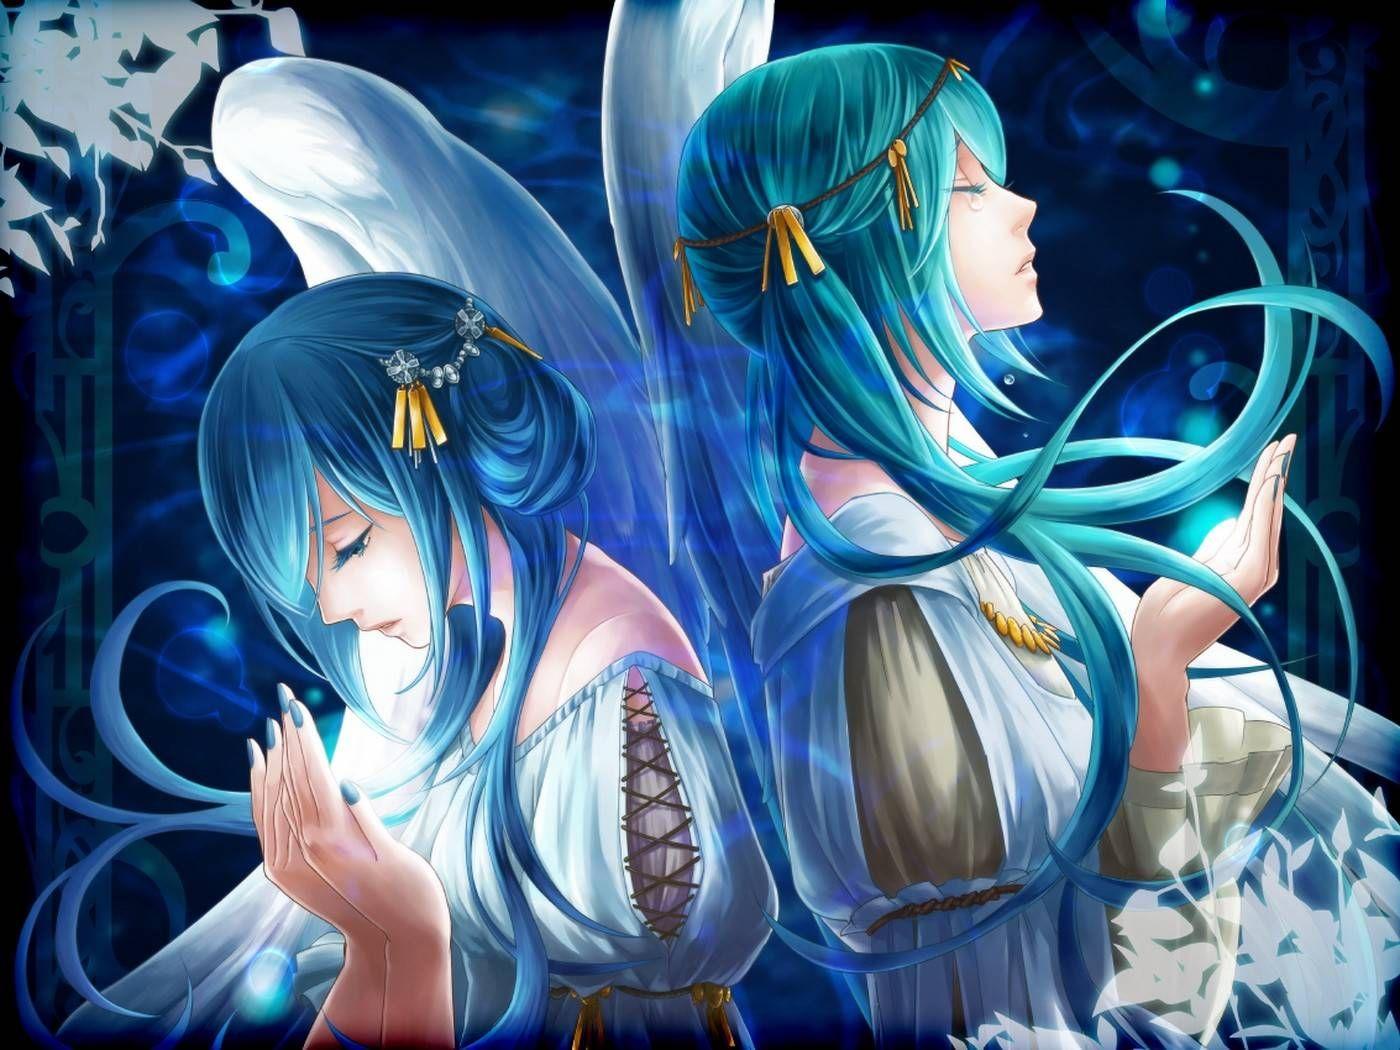 imagenes de gore anime Buscar con Google Anime